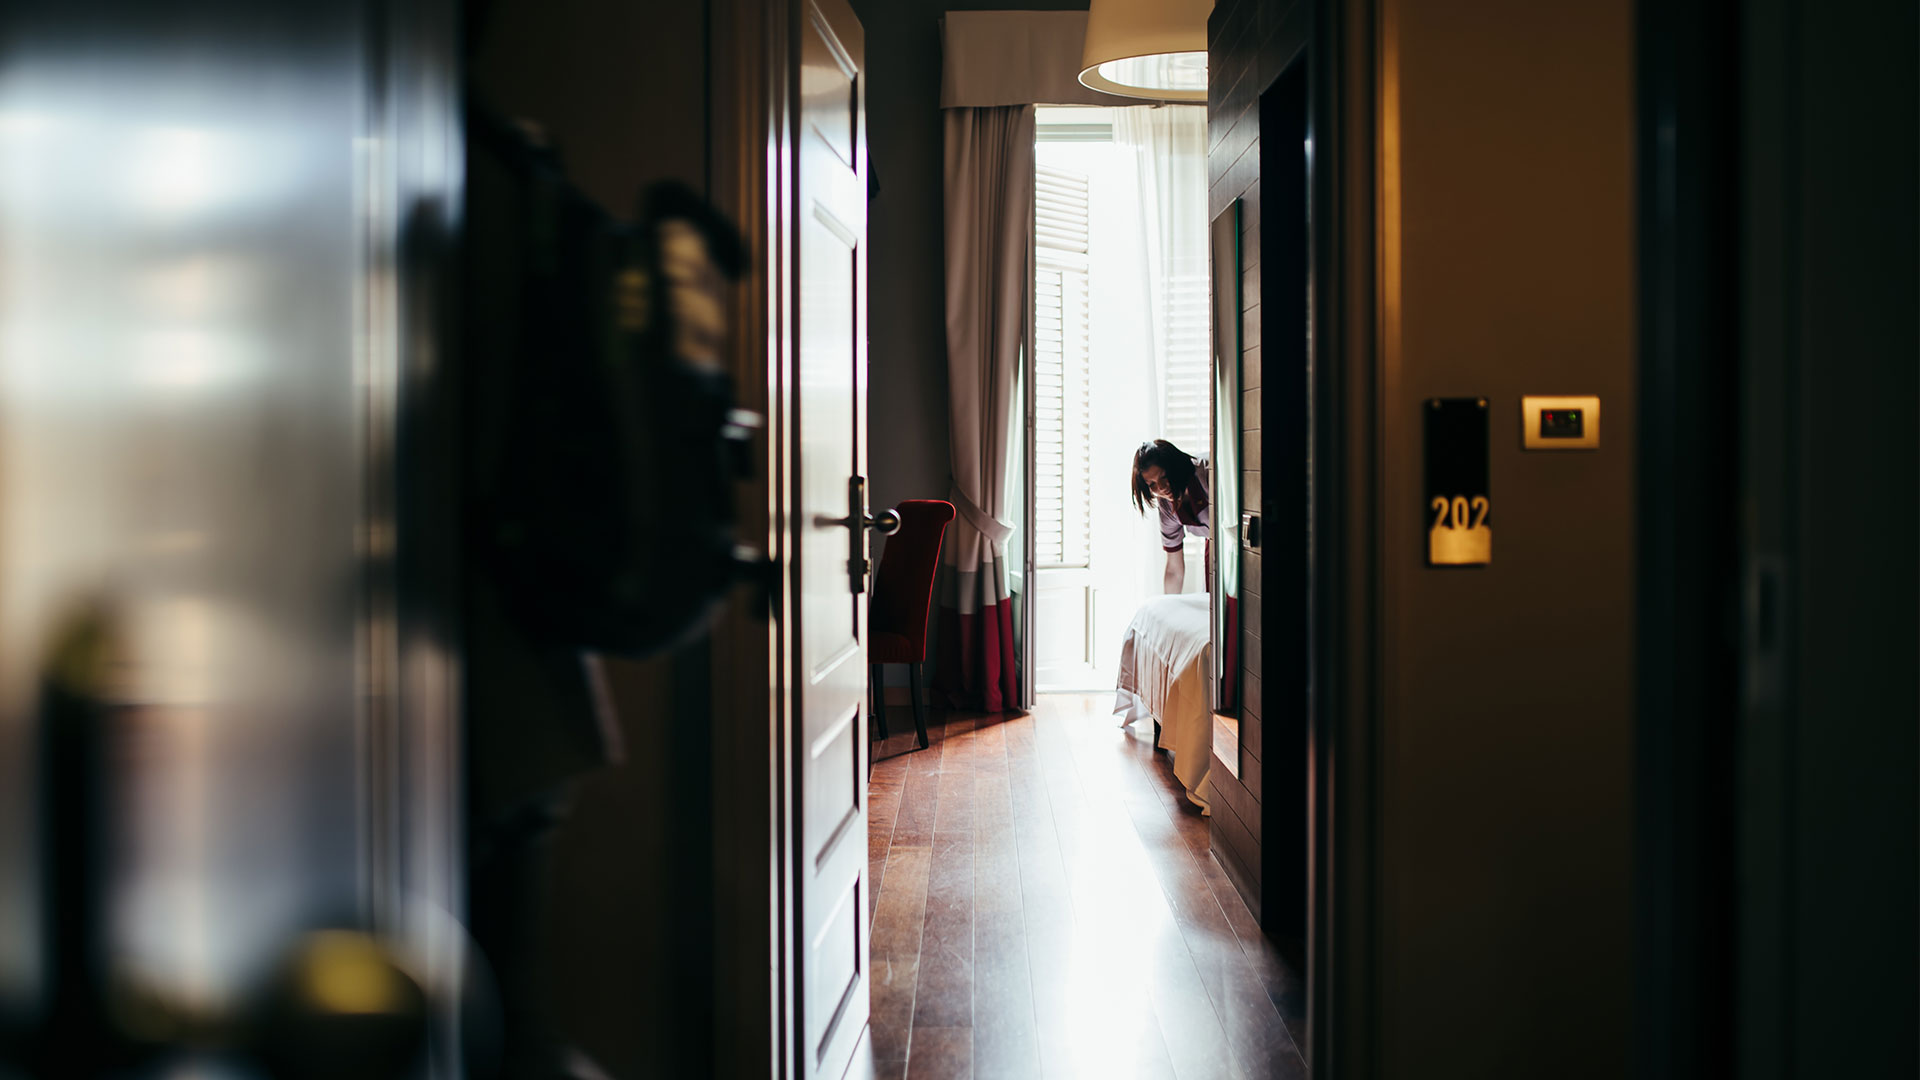 Rooms hotel porta felice palermo - Hotel porta felice ...